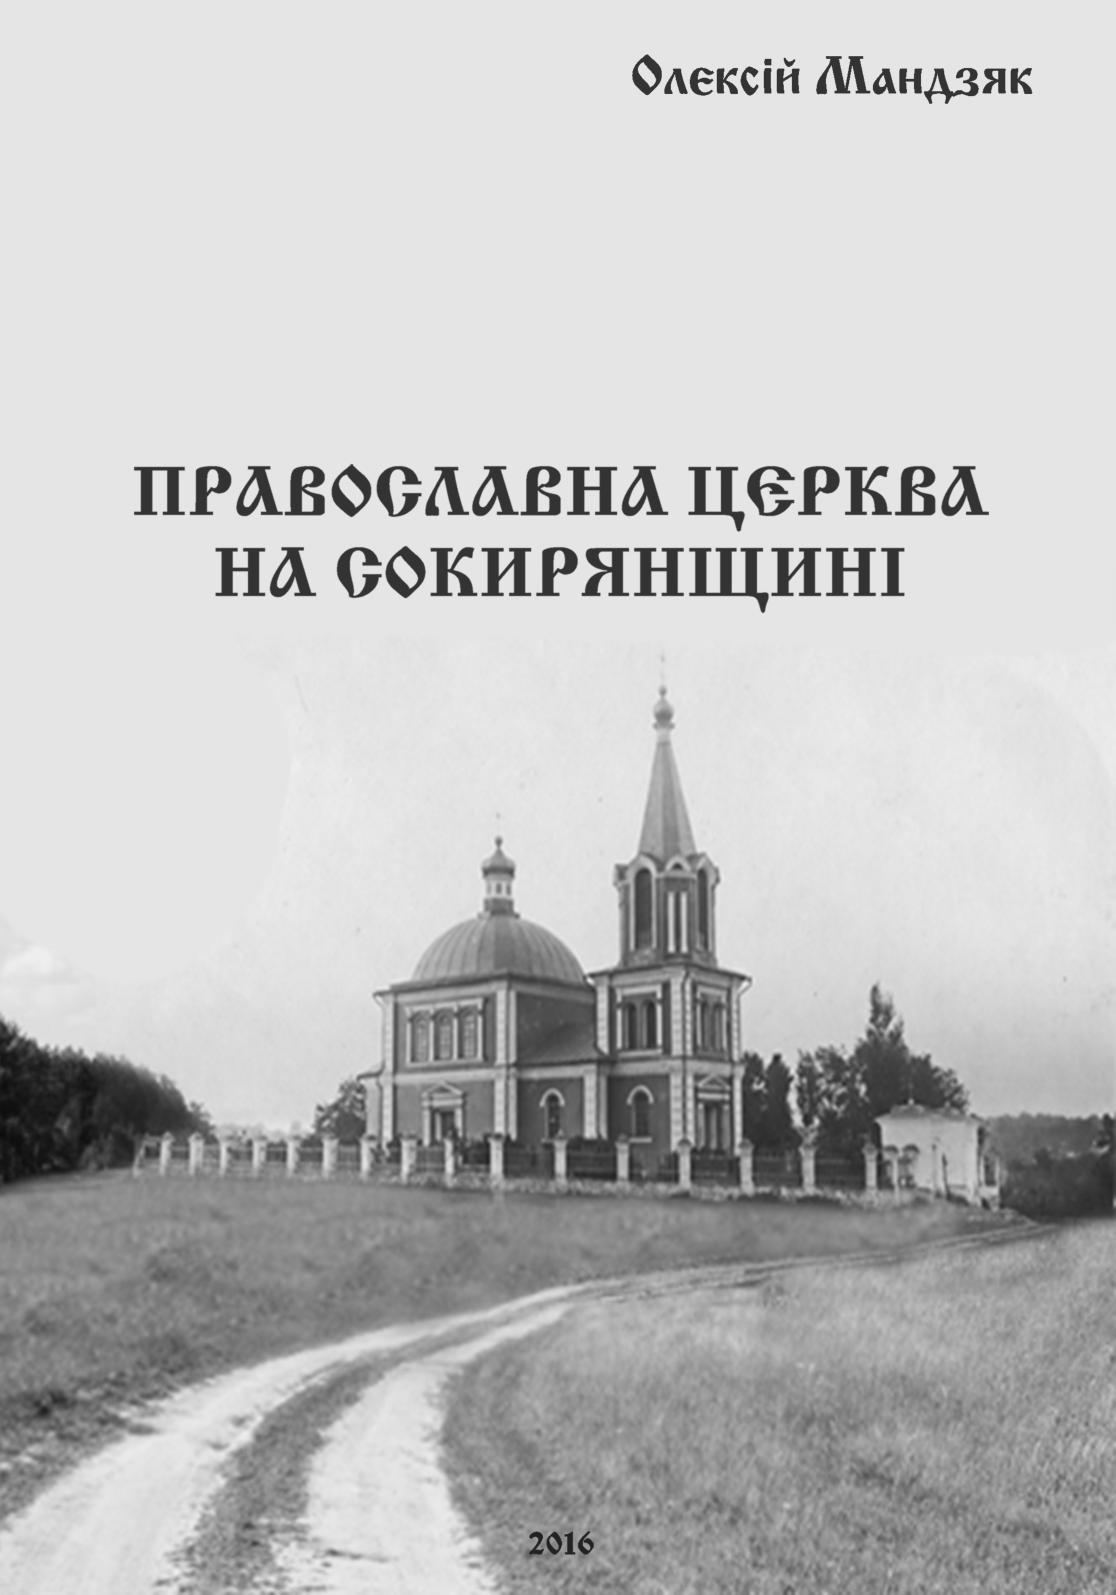 87e0bb8e7aaf98 Calaméo - Мандзяк О. С. Православна Церква на Сокирянщині – 2016. Ч. 1. (с.  1-497)